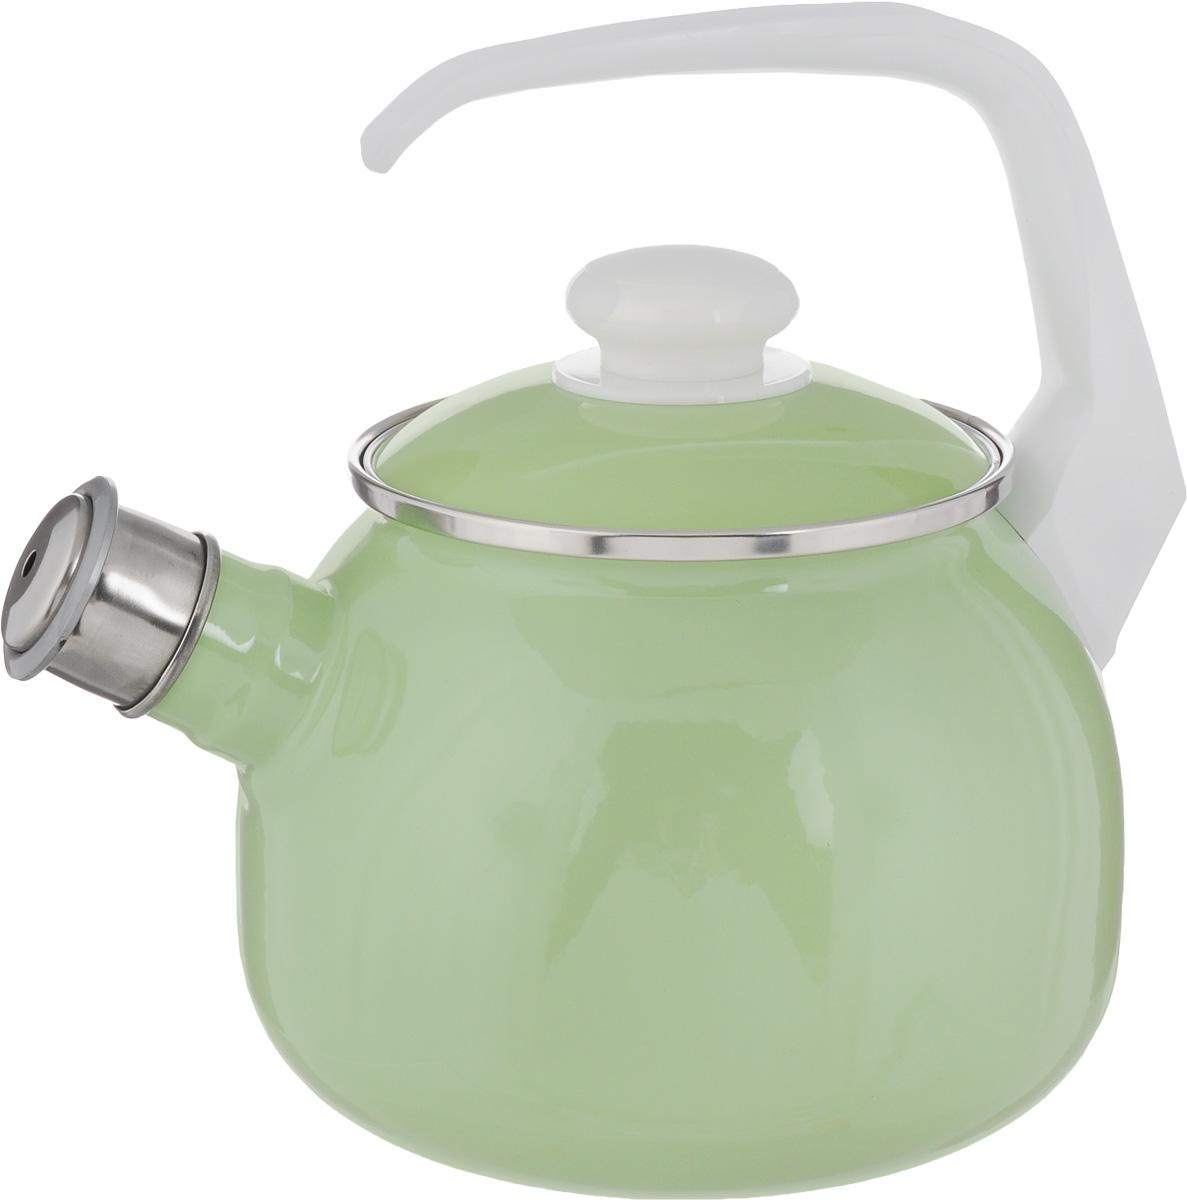 Чайник Elros Green Apple, со свистком, цвет: зеленый, 2,5 лС-2711АП/3СзлРчЧайник Elros Green Apple изготовлен из высококачественной нержавеющей стали с эмалированным покрытием. Нержавеющая сталь обладает высокой устойчивостью к коррозии, не вступает в реакцию с холодными и горячими продуктами и полностью сохраняет их вкусовые качества. Особая конструкция дна способствует высокой теплопроводности и равномерному распределению тепла. Чайник оснащен удобной ручкой. Носик чайника имеет снимающийся свисток, звуковой сигнал которого подскажет, когда закипит вода. Можно мыть в посудомоечной машине.Диаметр чайника (по верхнему краю): 12,5 см.Высота чайника (без учета ручки и крышки): 13 см.Высота чайника (с учетом ручки): 23 см.